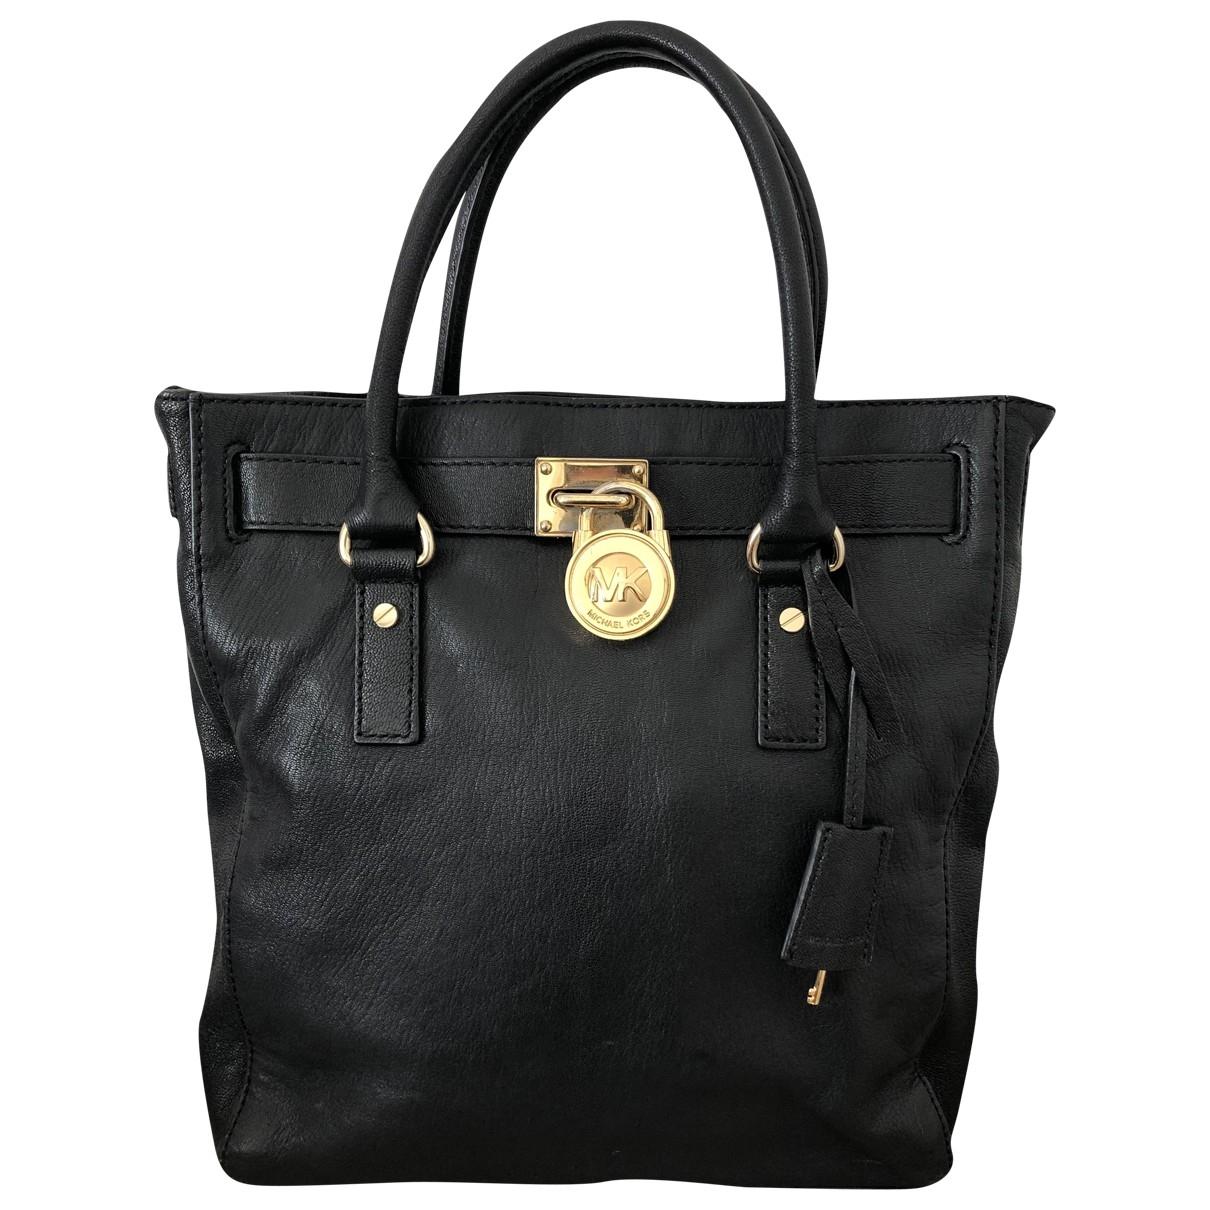 Michael Kors Hamilton Handtasche in  Schwarz Leder